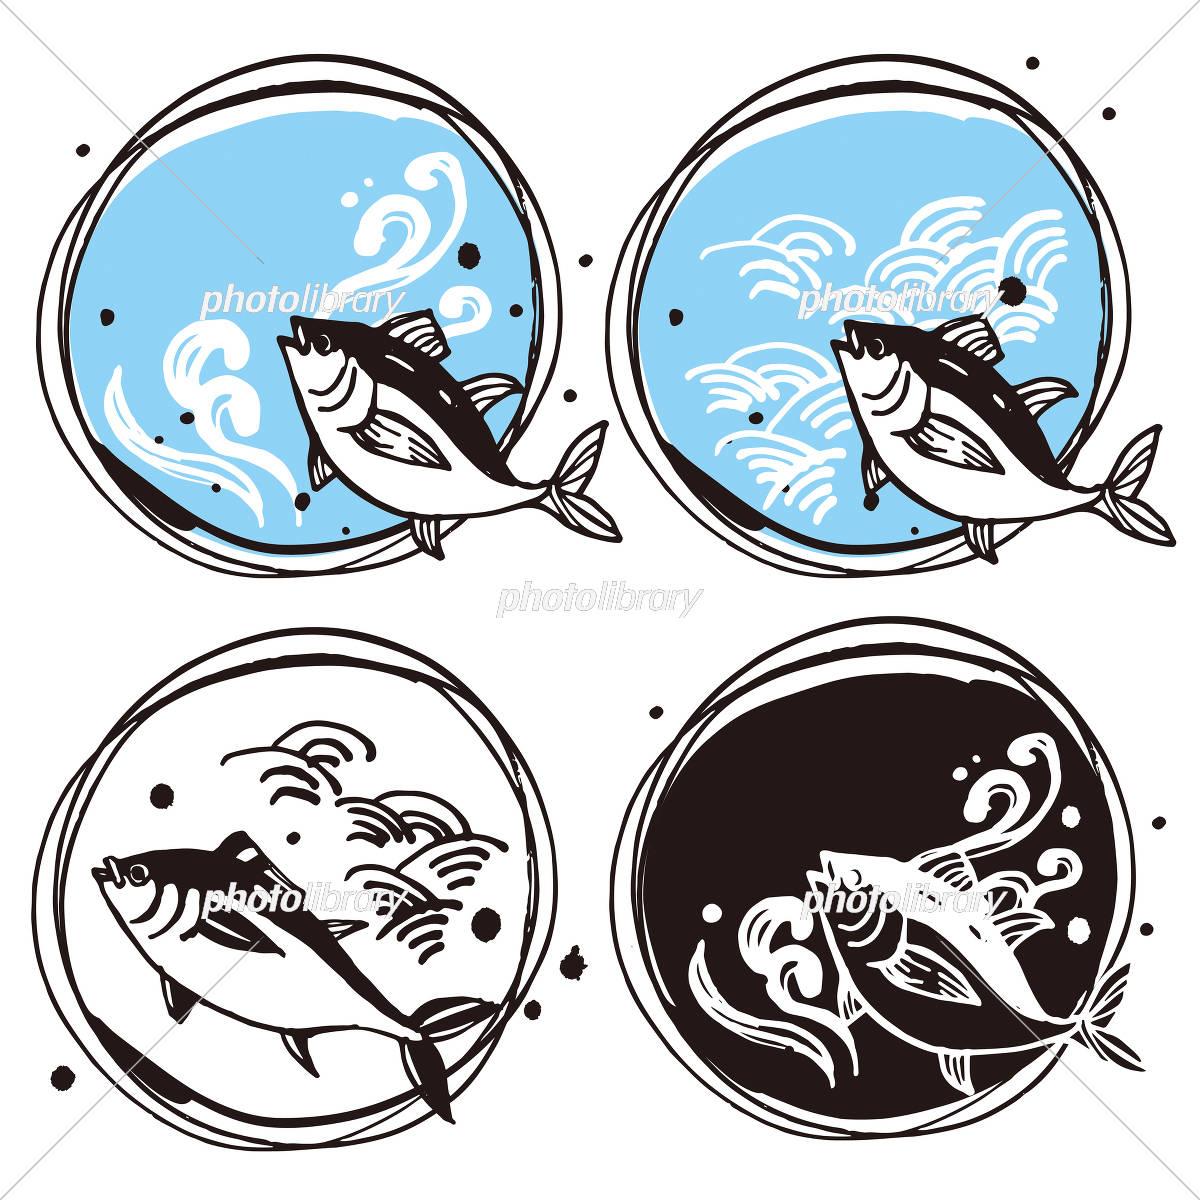 ツナ魚 イラスト素材 5192892 フォトライブラリー Photolibrary